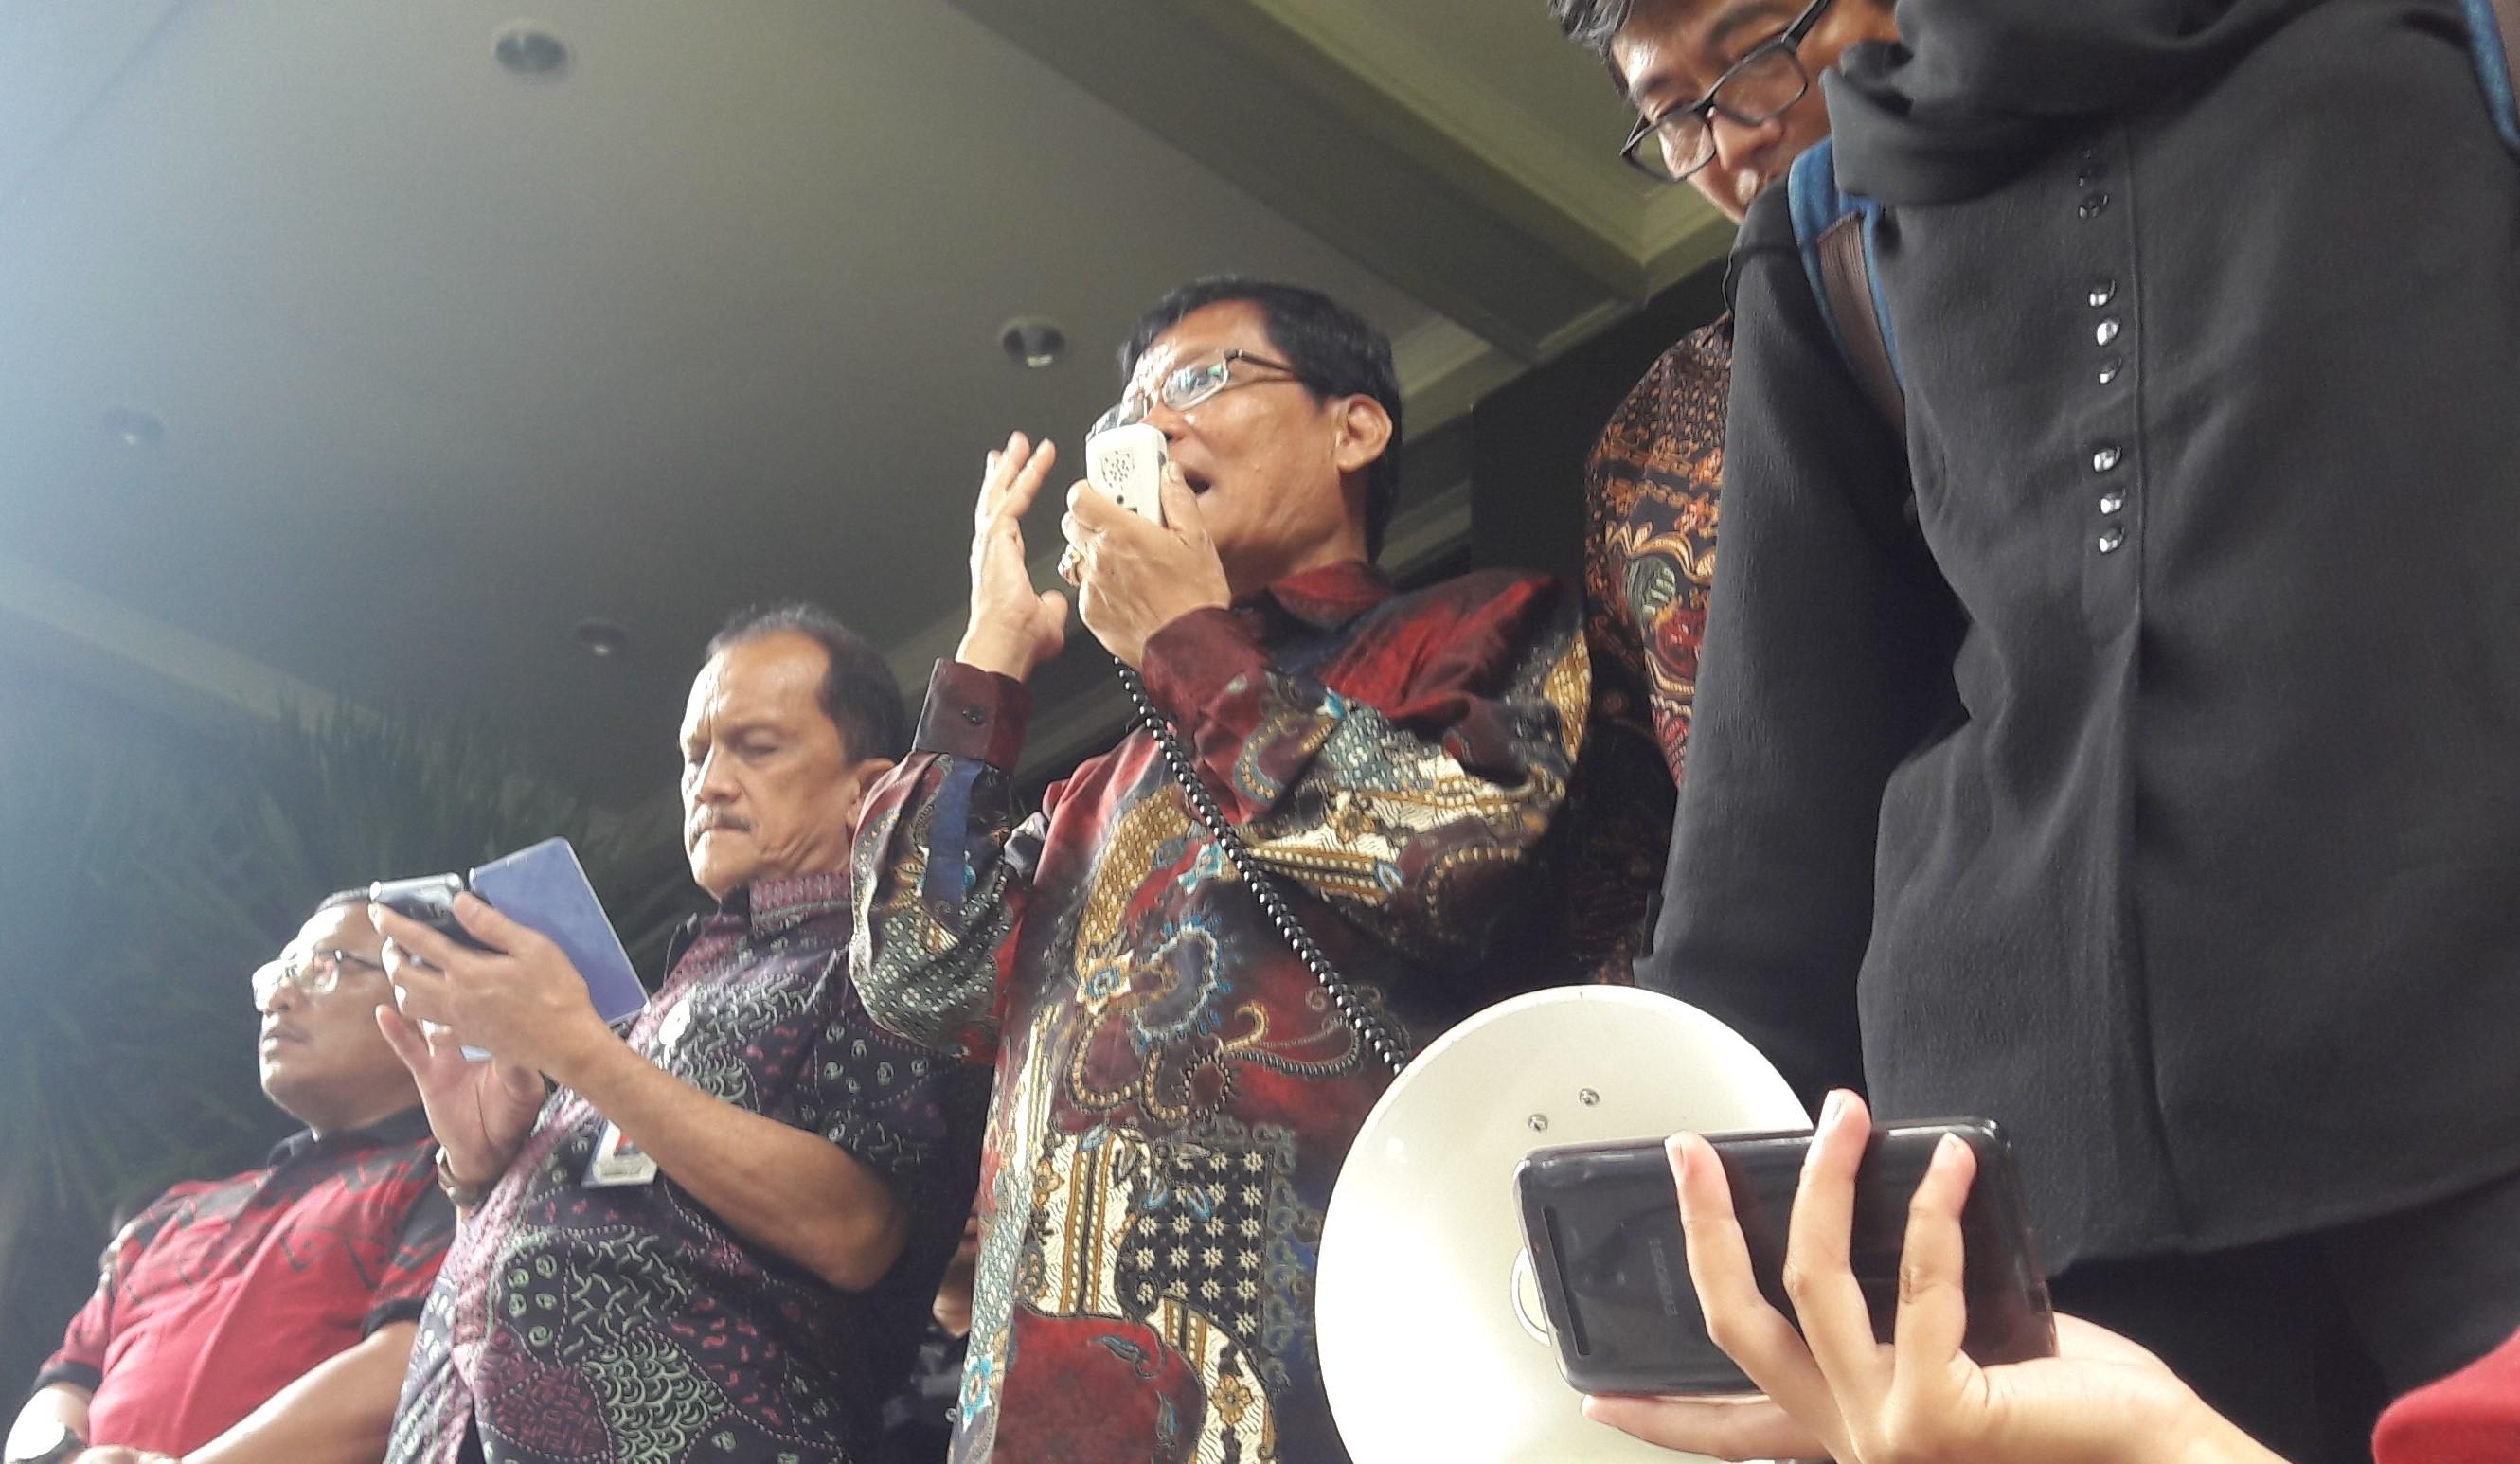 TURUN - Pihak rektorat yang diwakili oleh Wakil Rektor III, Arief Prayitno, Wakil Rektor IV, Sasmito Djati, dan Kepala Bagian Barang Milik Negara Lukisan Edi, turun menemui massa aksi, di depan Gedung Rektorat pada Jumat (21/10). (PERSPEKTIF/Faiz)